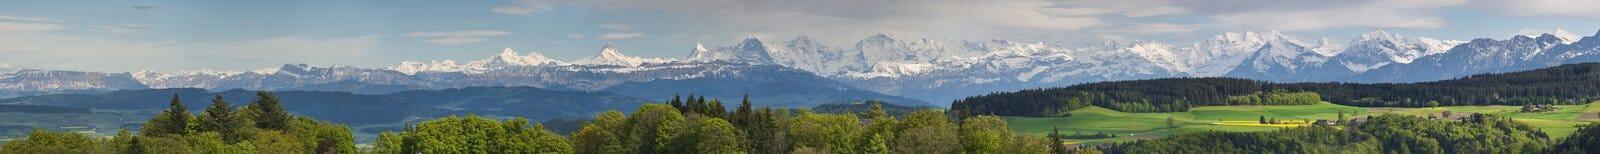 Panorama van Zwitserse alpen royalty-vrije stock afbeelding